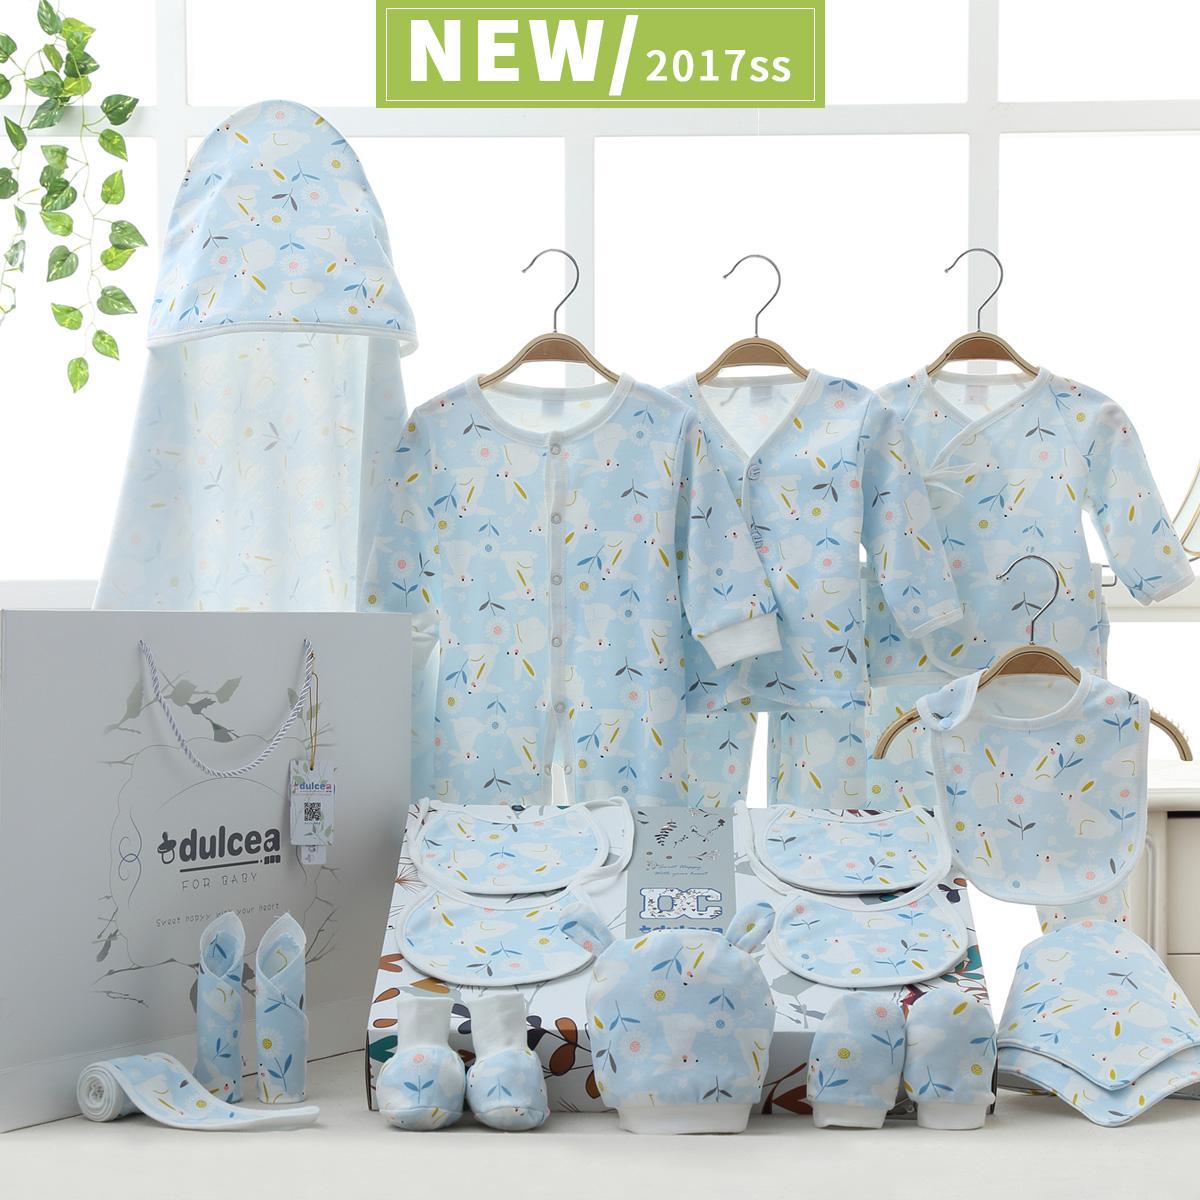 宝宝初生用品母婴 婴儿秋季套装纯棉送礼新生儿满月衣服礼盒